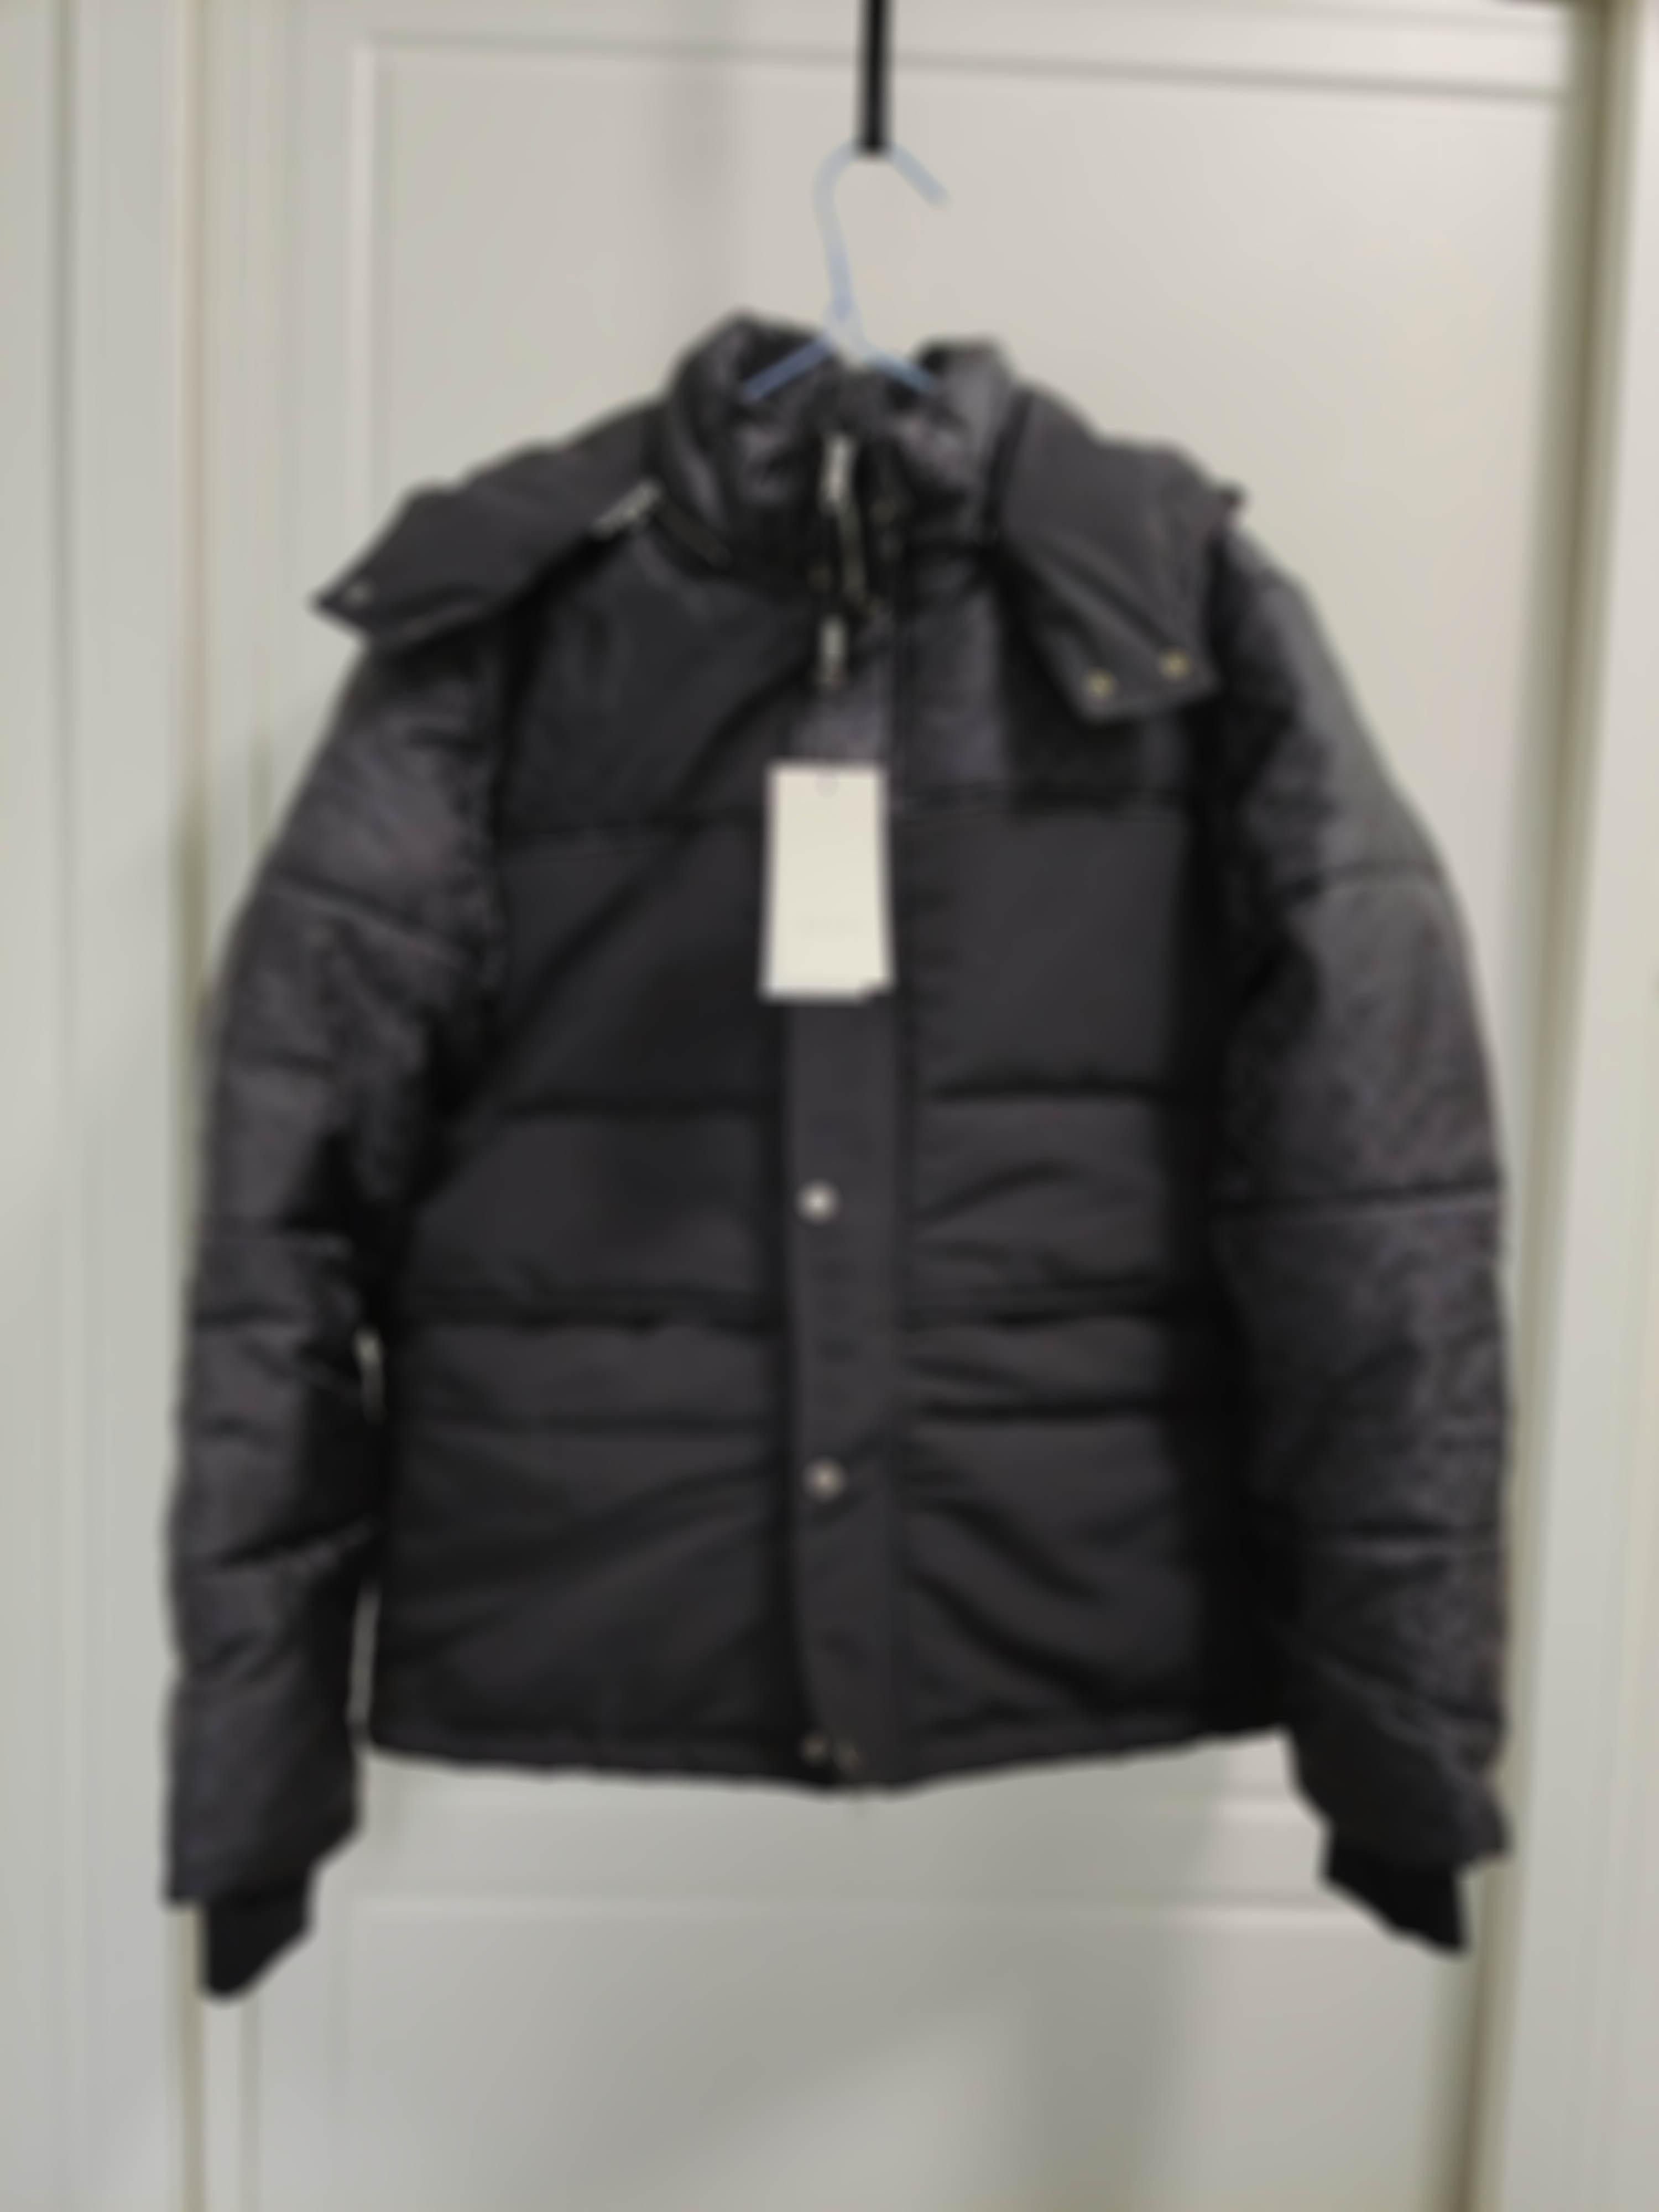 Homme Designers Vêtements Coton manteau Sweat à capuche Jacquard Tissu de poche de poche Mens d'hiver Manteaux Hommes Designers Sweaters Hommes Vêtements Noir